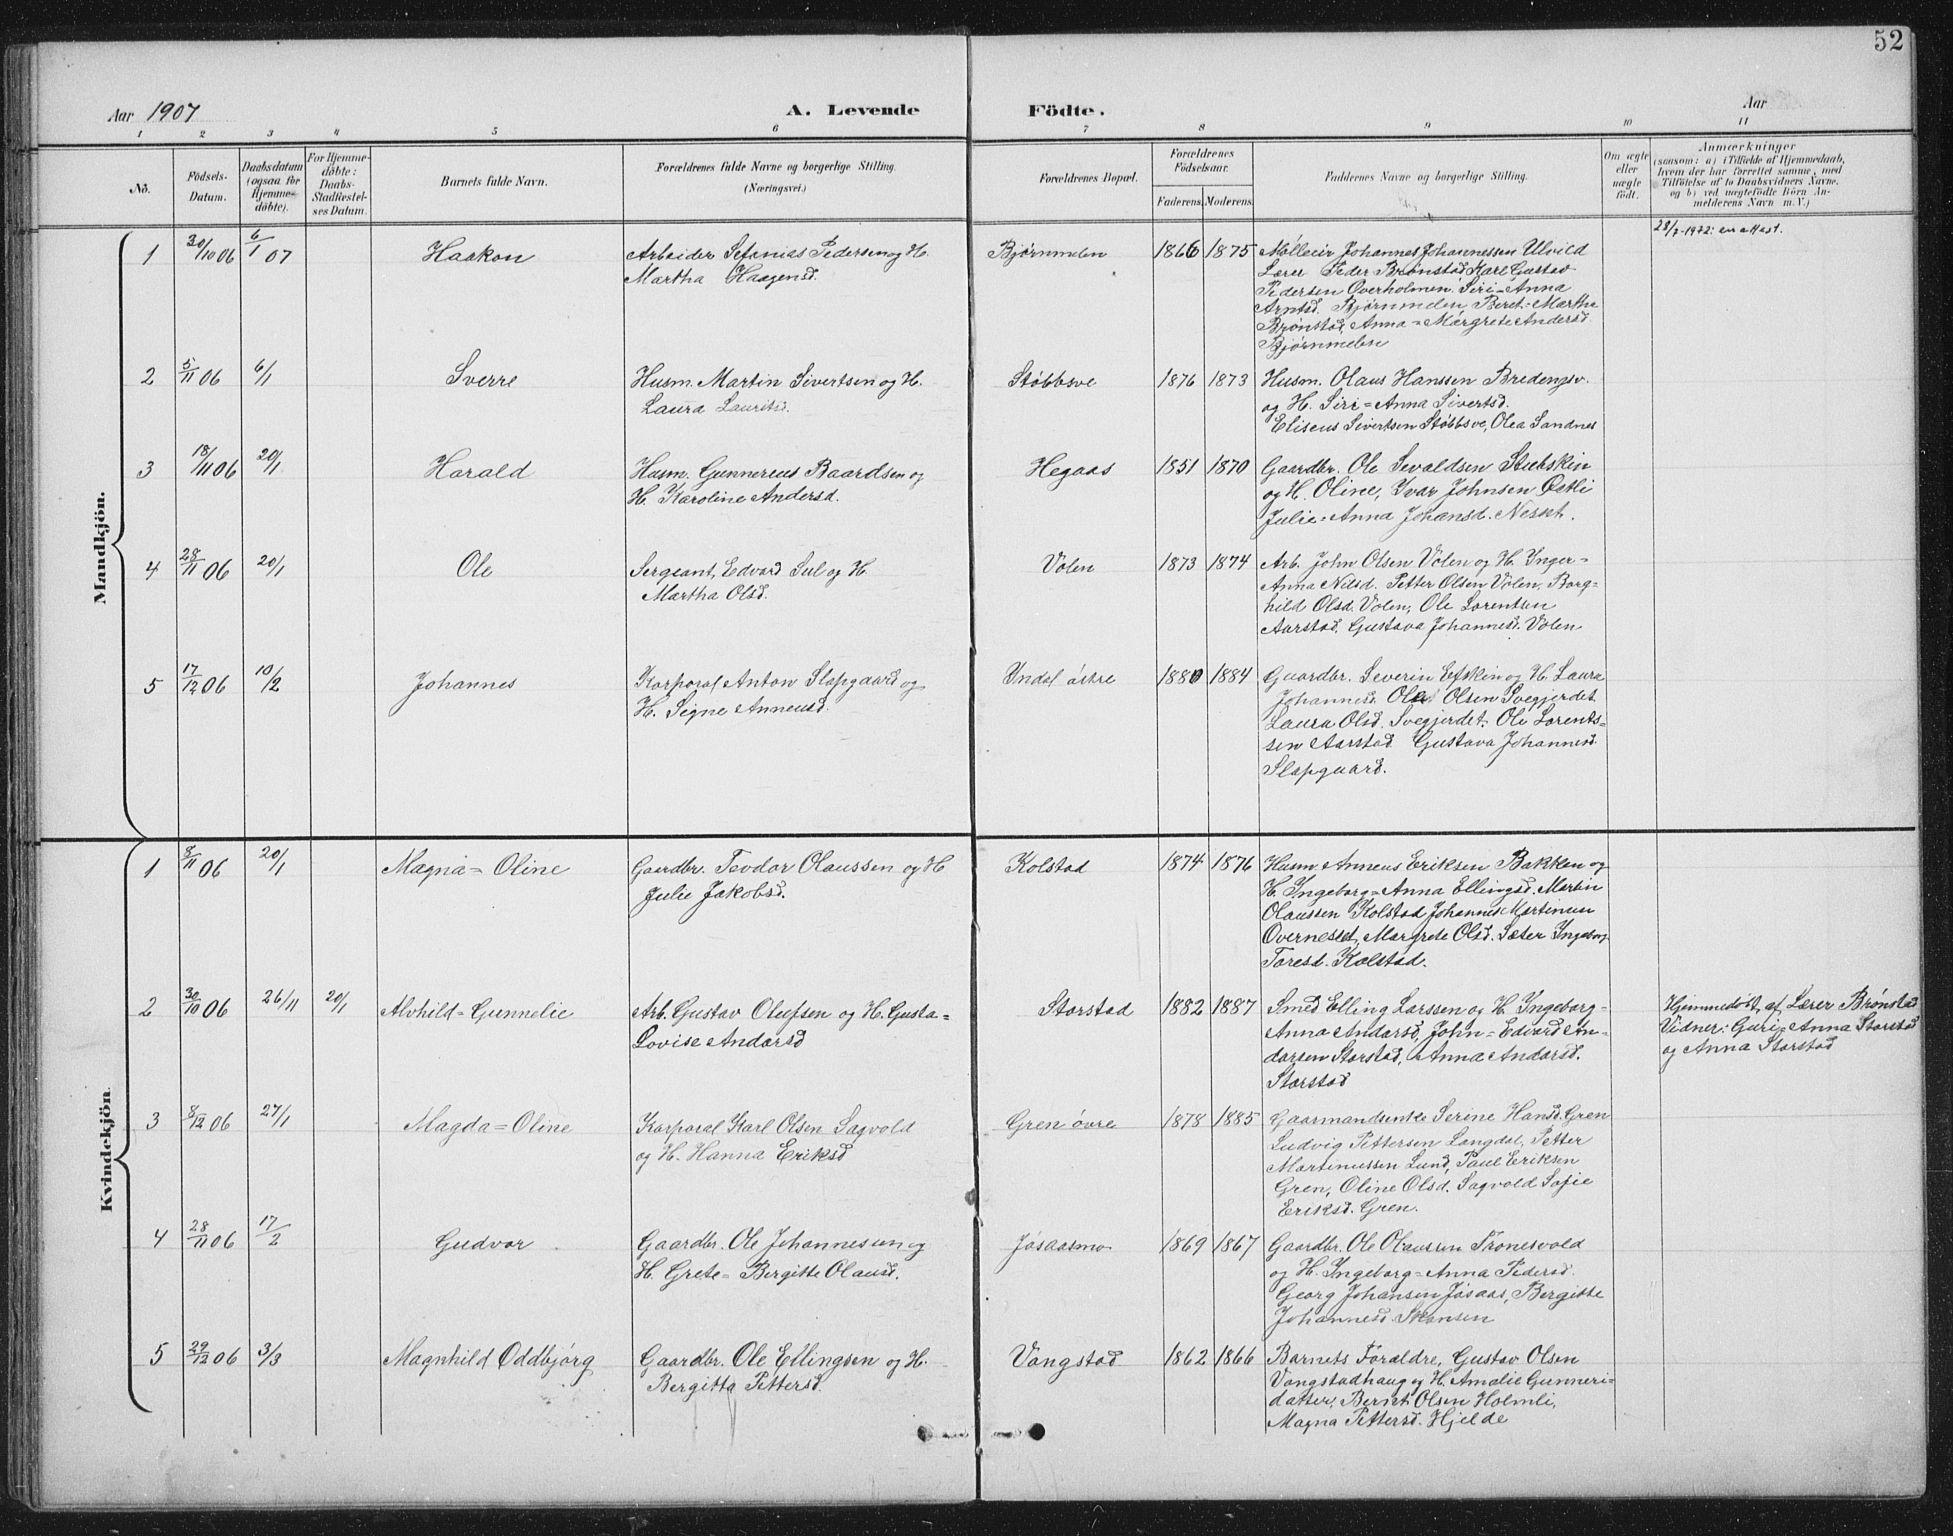 SAT, Ministerialprotokoller, klokkerbøker og fødselsregistre - Nord-Trøndelag, 724/L0269: Klokkerbok nr. 724C05, 1899-1920, s. 52